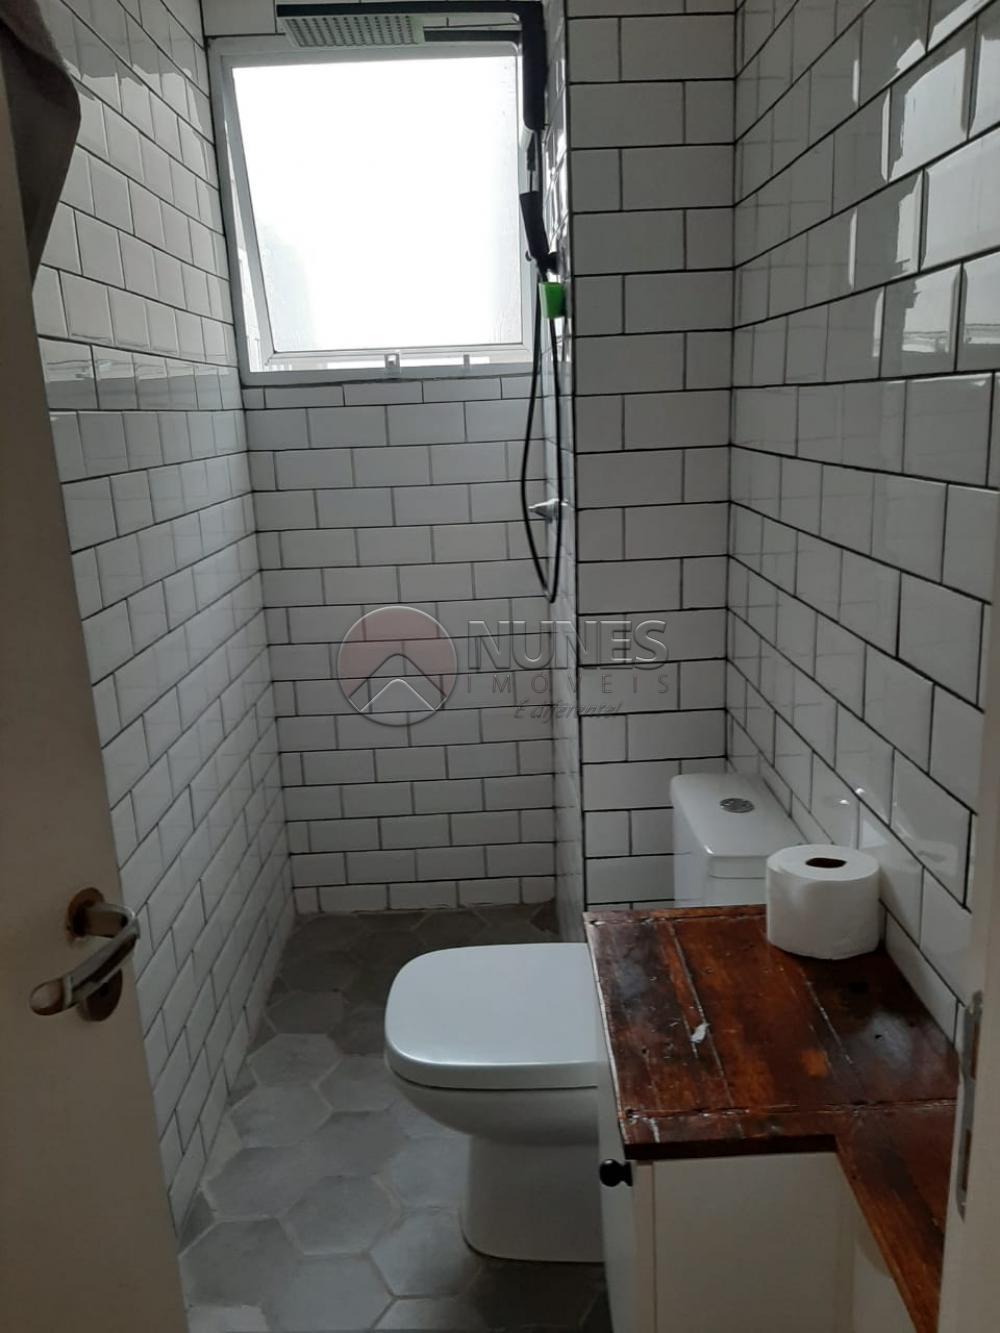 Comprar Apartamento / Padrão em São Paulo apenas R$ 225.000,00 - Foto 10